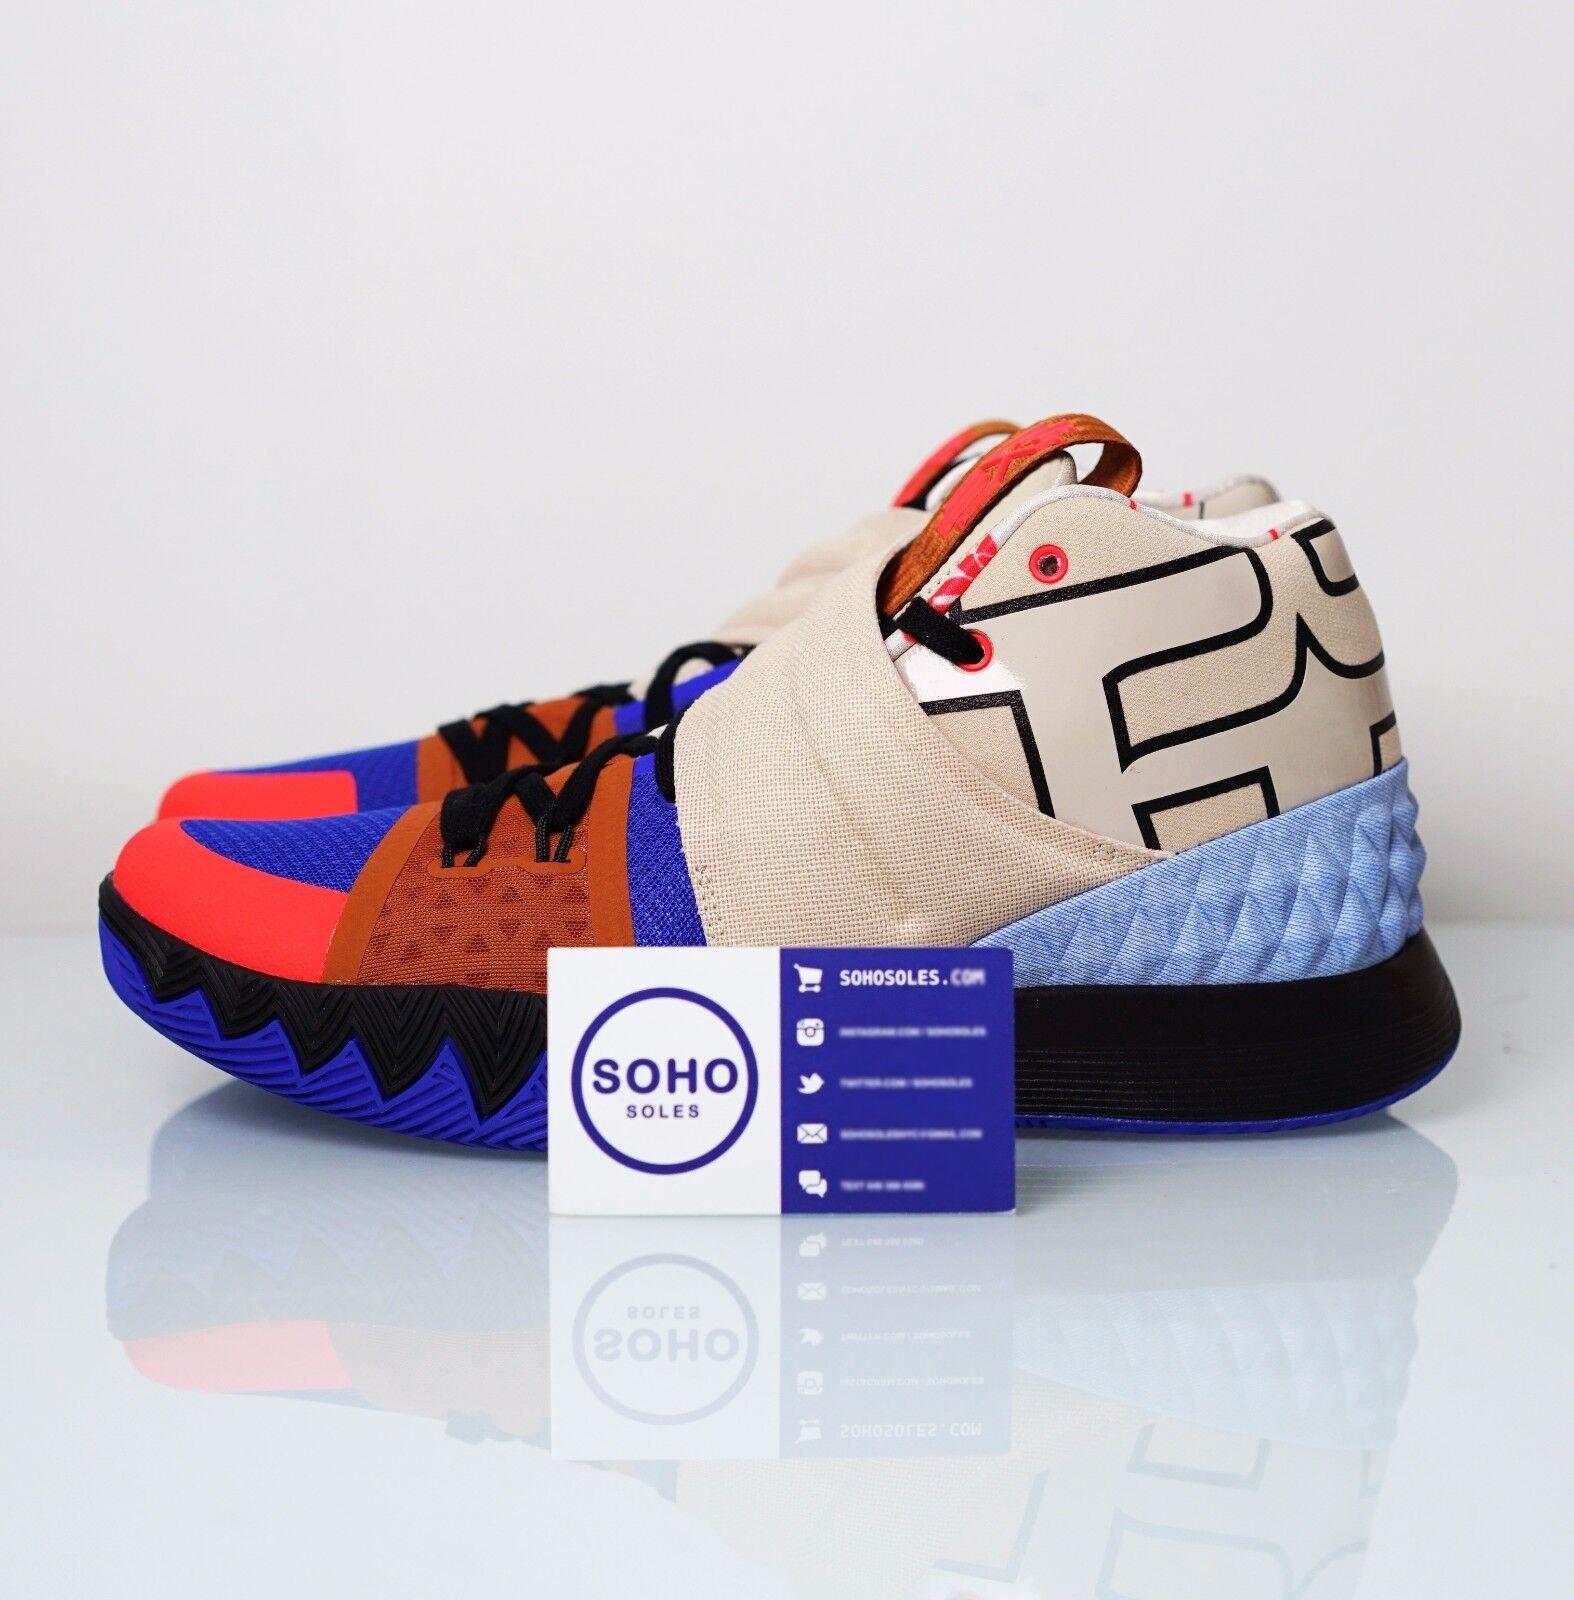 Nike Kyrie S1 híbrido que aj5165-900 la reducción de precios aj5165-900 que Cómodo barato y hermoso moda d479ea